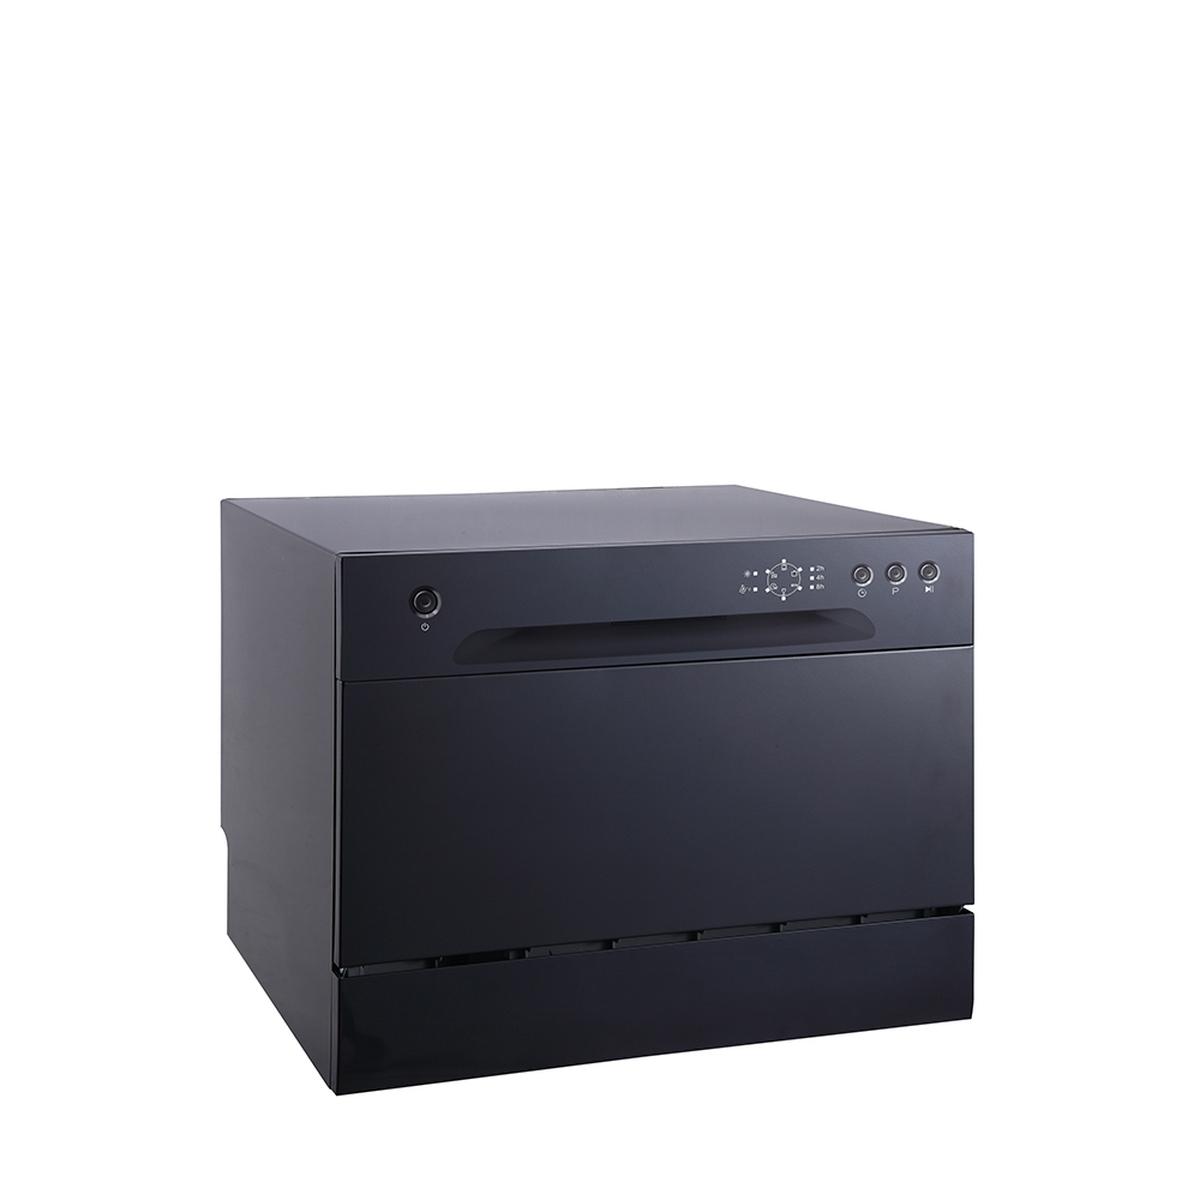 Scandomestic benk oppvask sort SFO 2204B